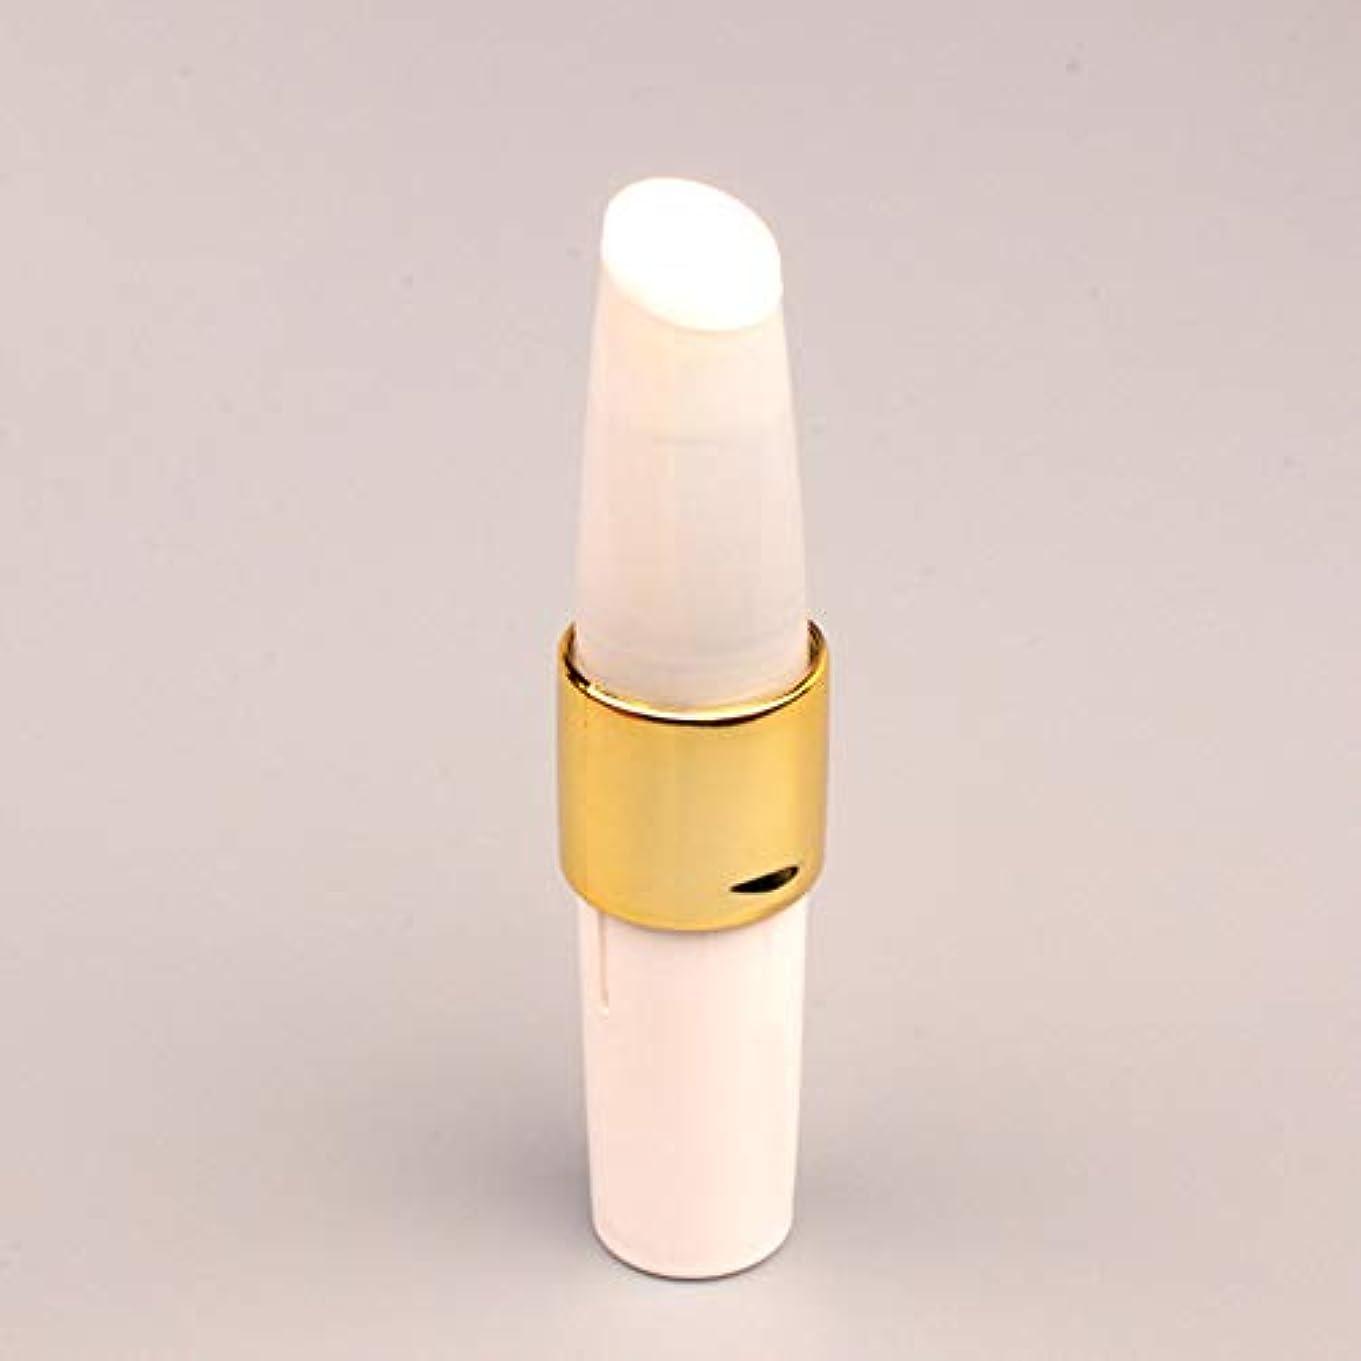 カニ湿地ブレンドZXF 新しいナノスプレー水和美容機器ハンドヘルドポータブルABS素材コールドスプレー保湿顔の水分補給器具ブラックモデルホワイト 滑らかである (色 : White)